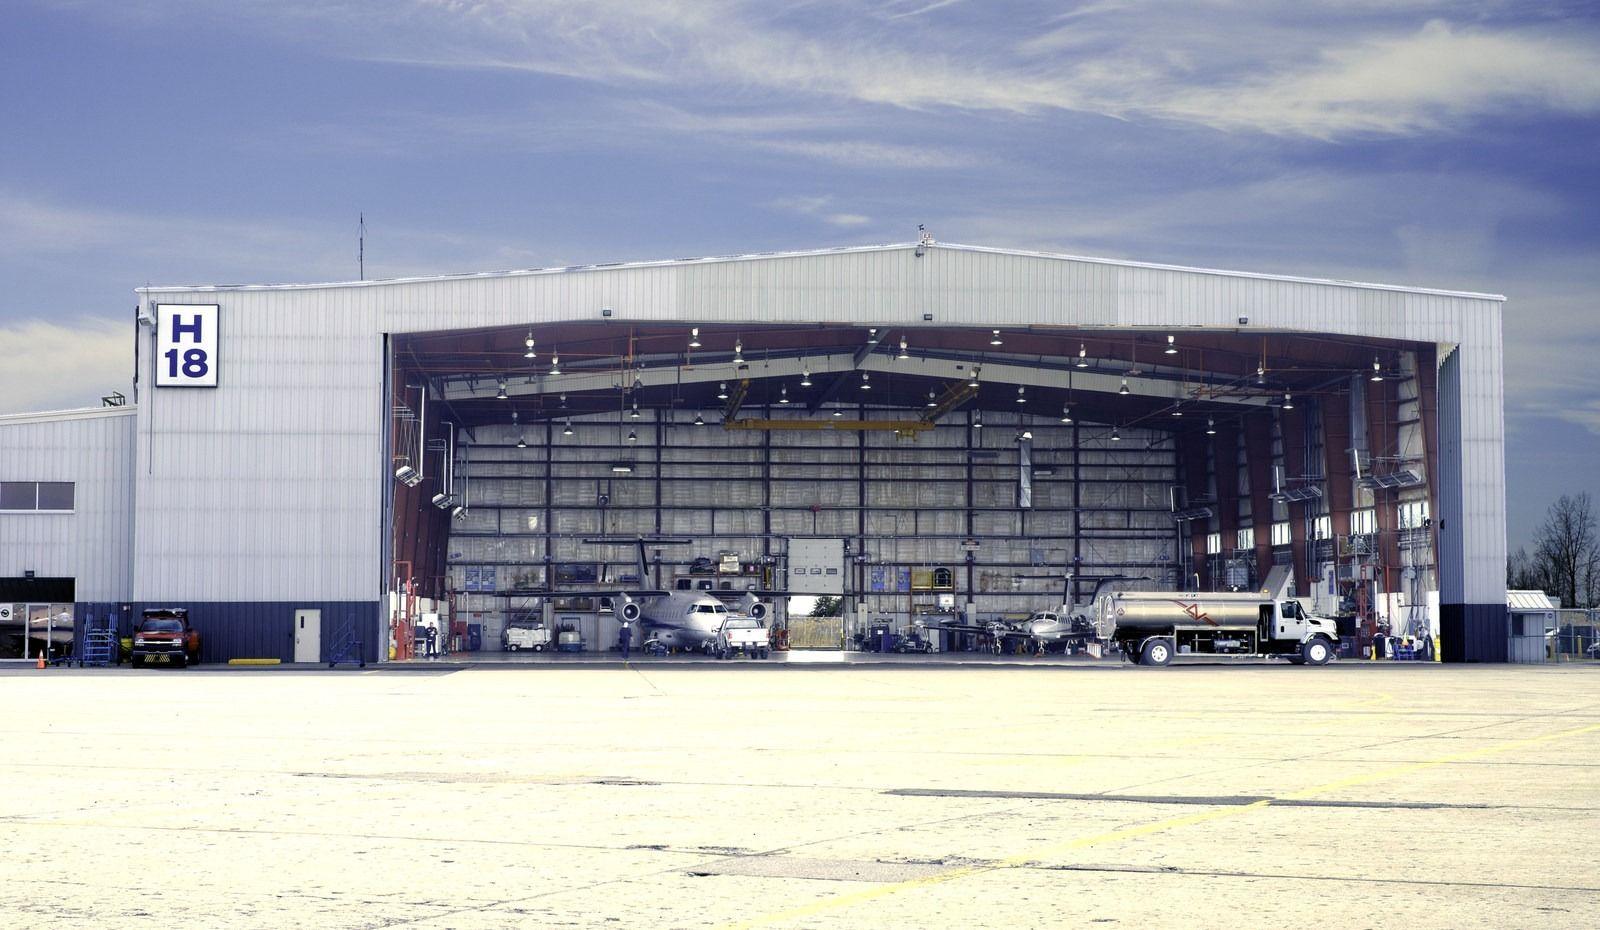 Nolinor Aviation achète le Hangar H-18 à l'aéroport de Saint-Hubert